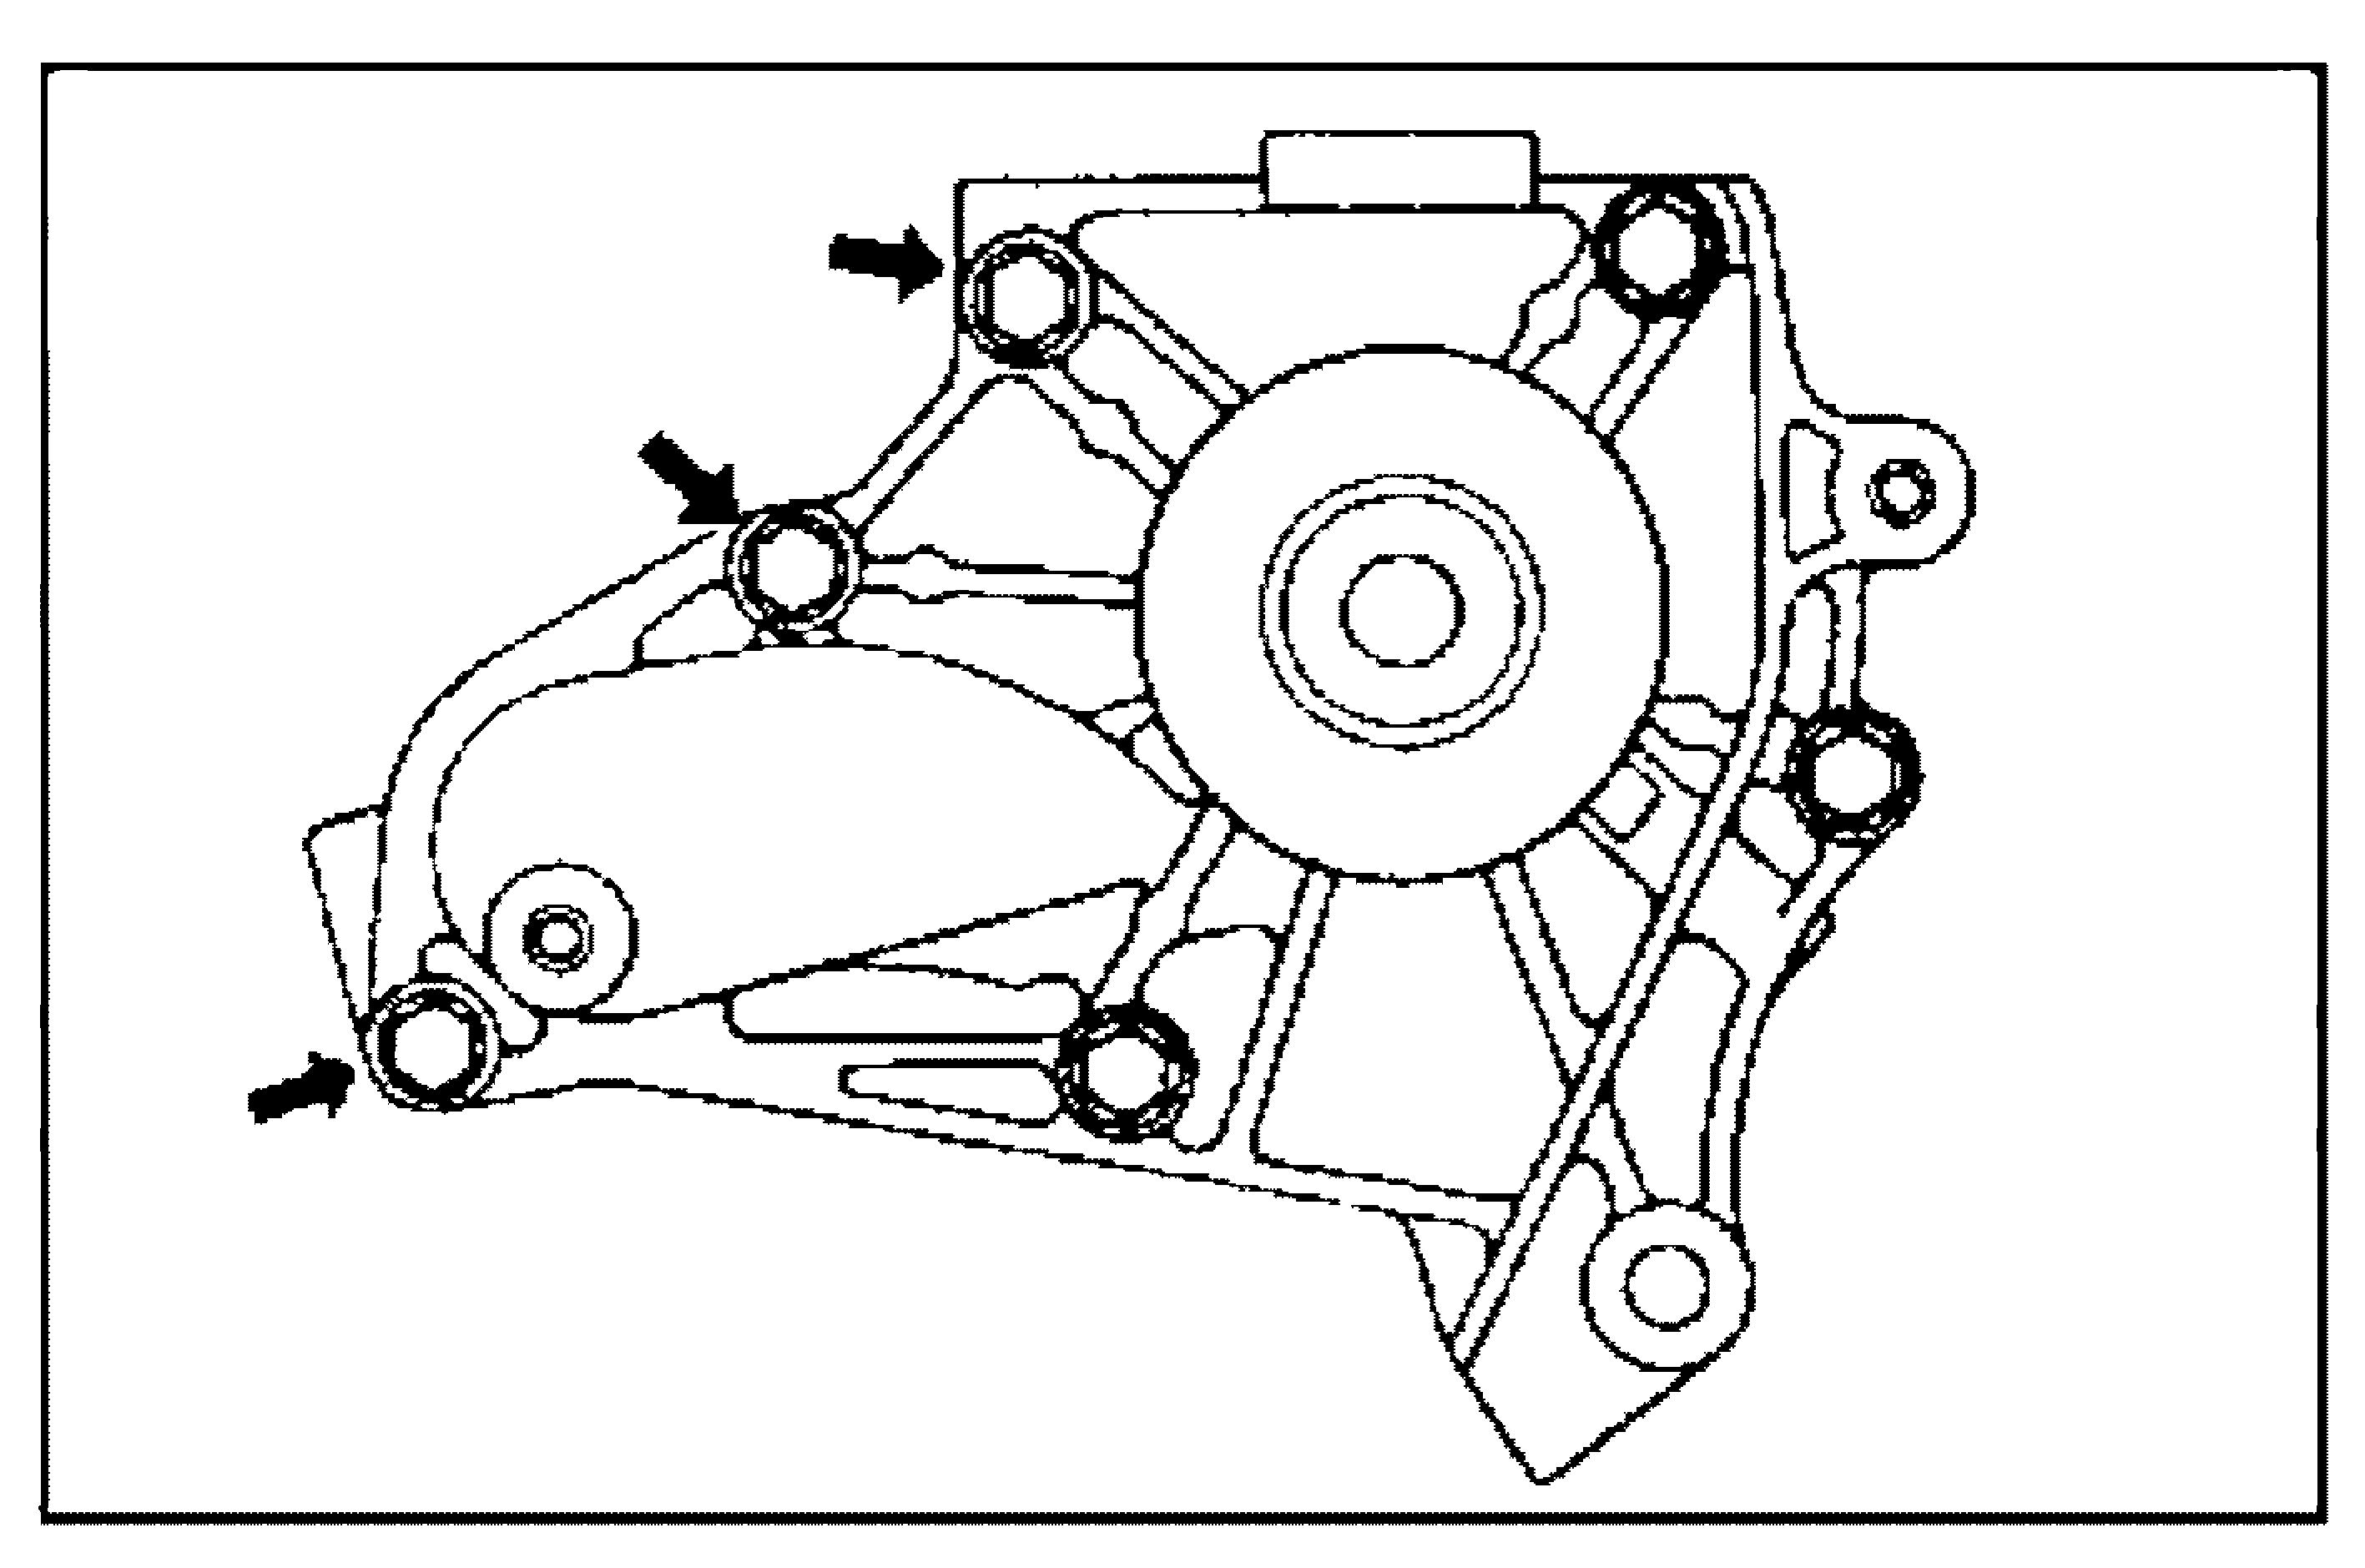 Болты крепления помпы 4S-FE